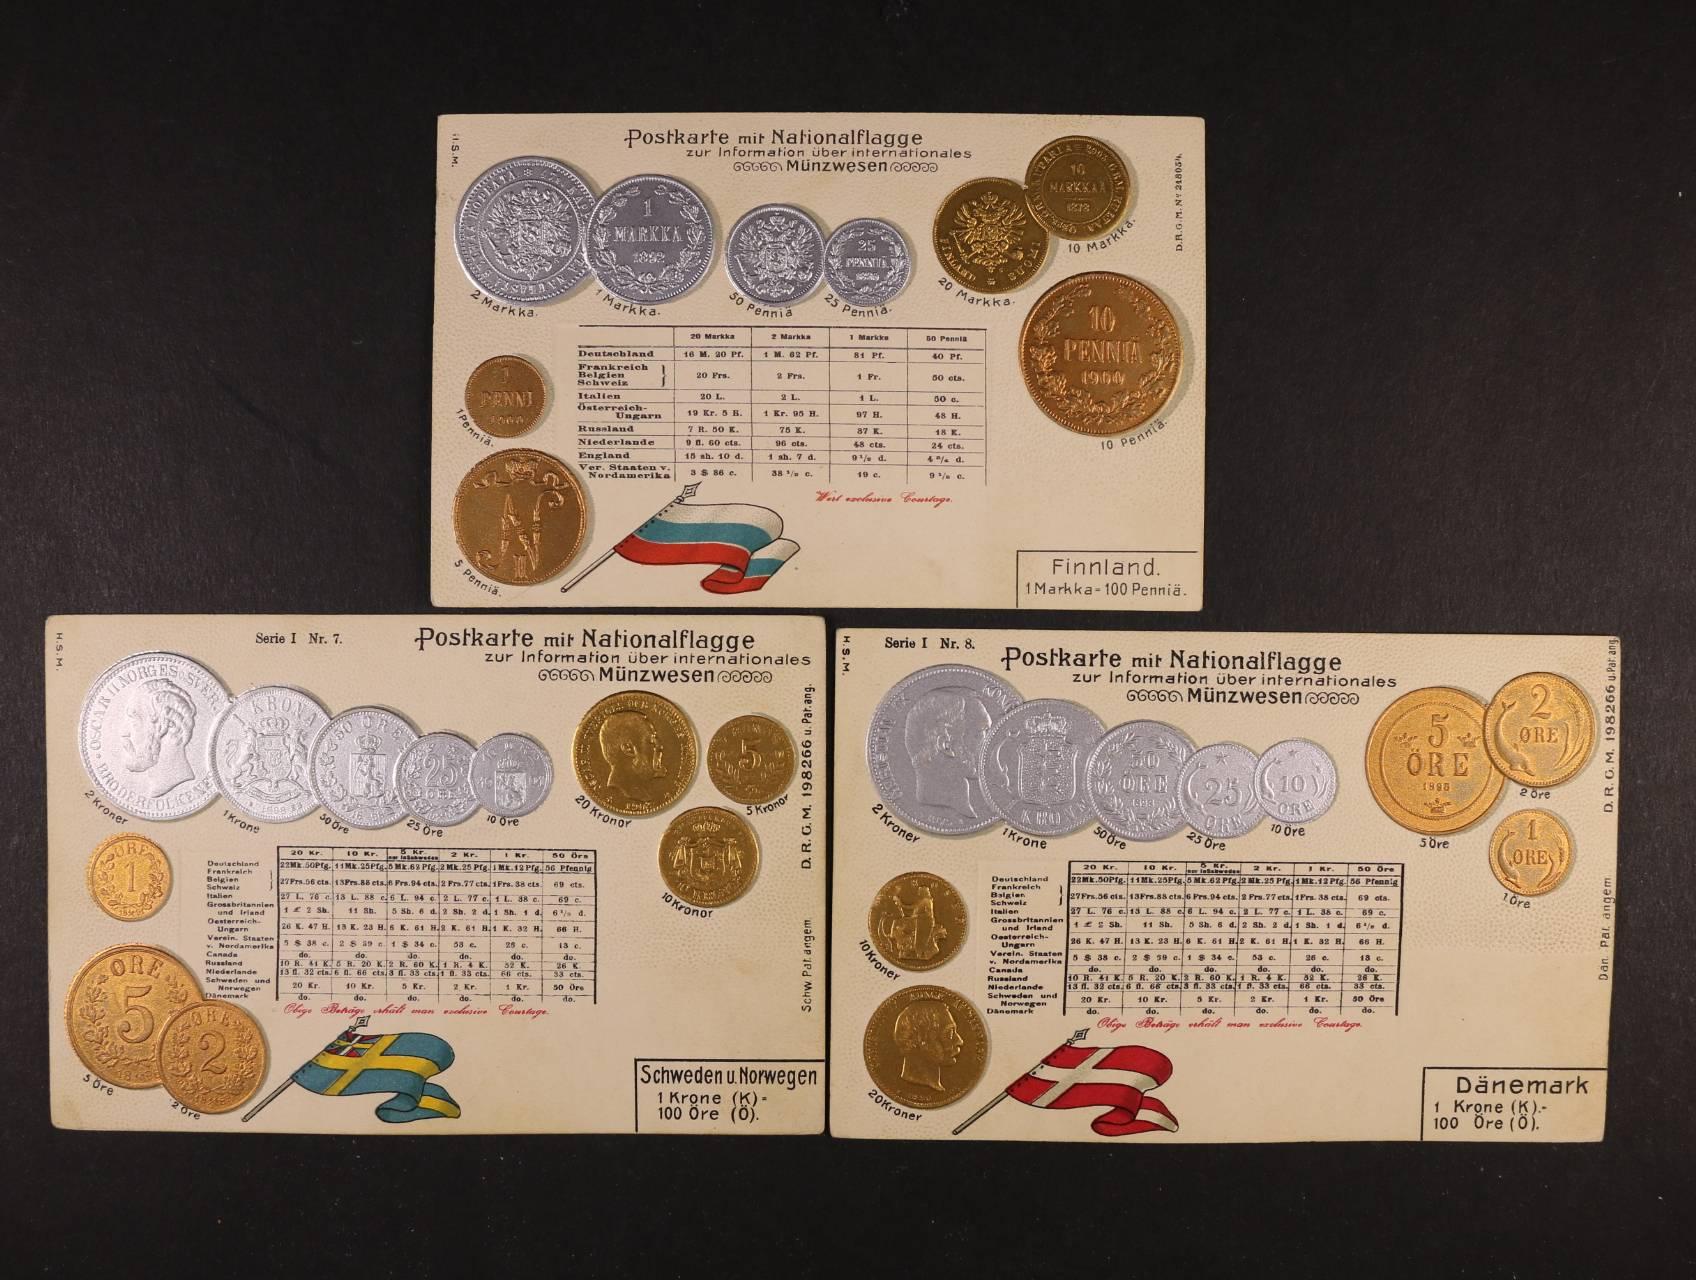 Mince - sestava 3 ks bar. reliéfních litografií s mincemi Dánska, Finska a Norska, nepoužité, dobrá kvalita